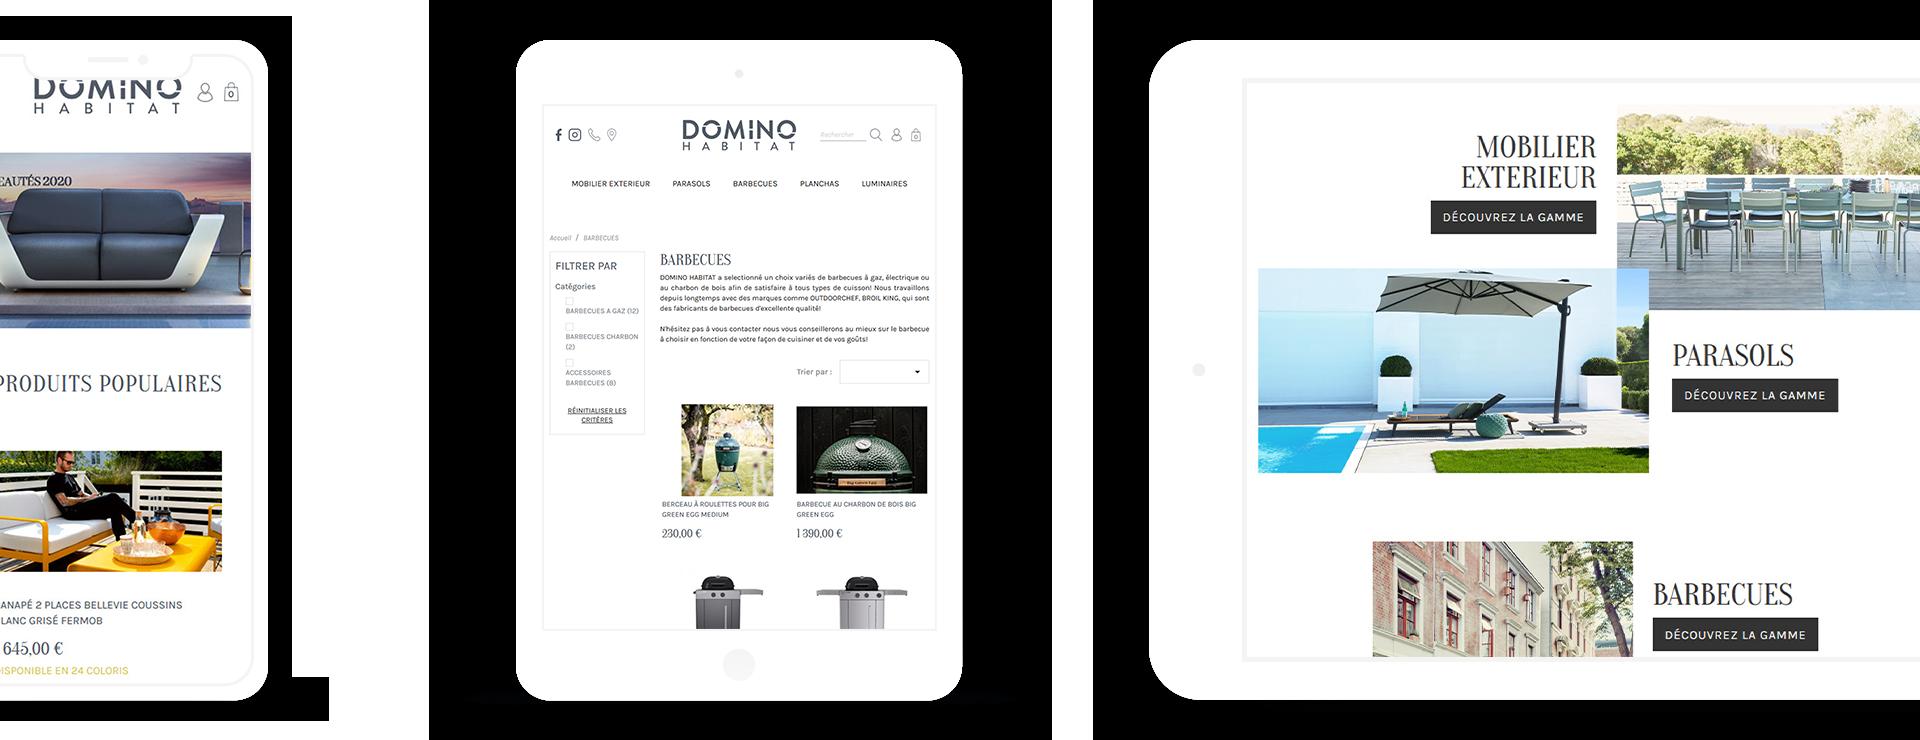 Domino habitat site web 2